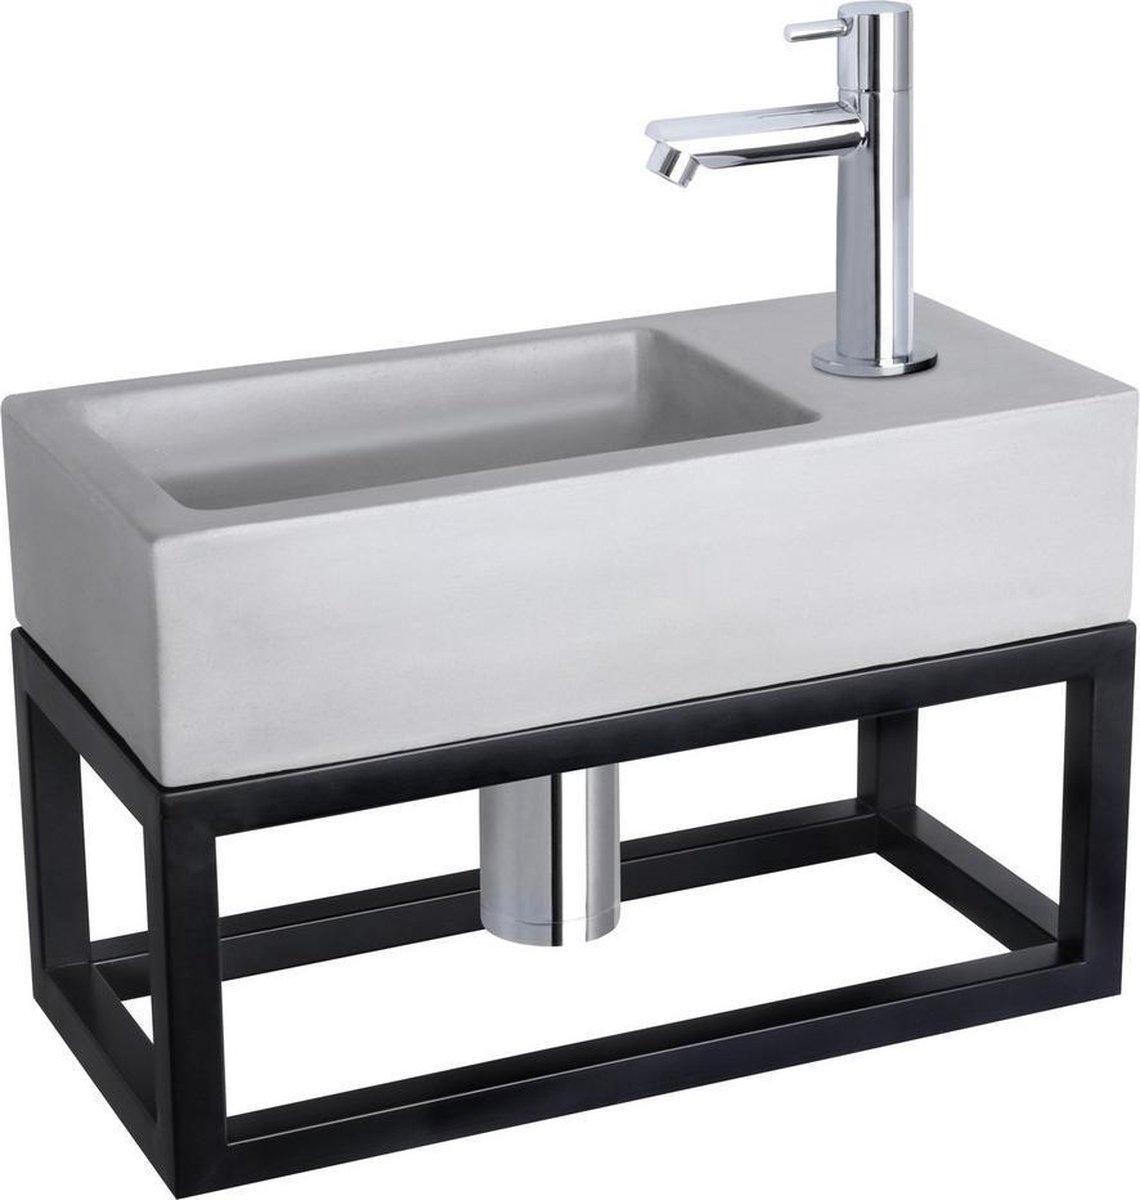 Differnz Ravo Fonteinset - Beton lichtgrijs - Kraan recht chroom - Met handdoekrek - 38.5 x 18.5 x 9 cm